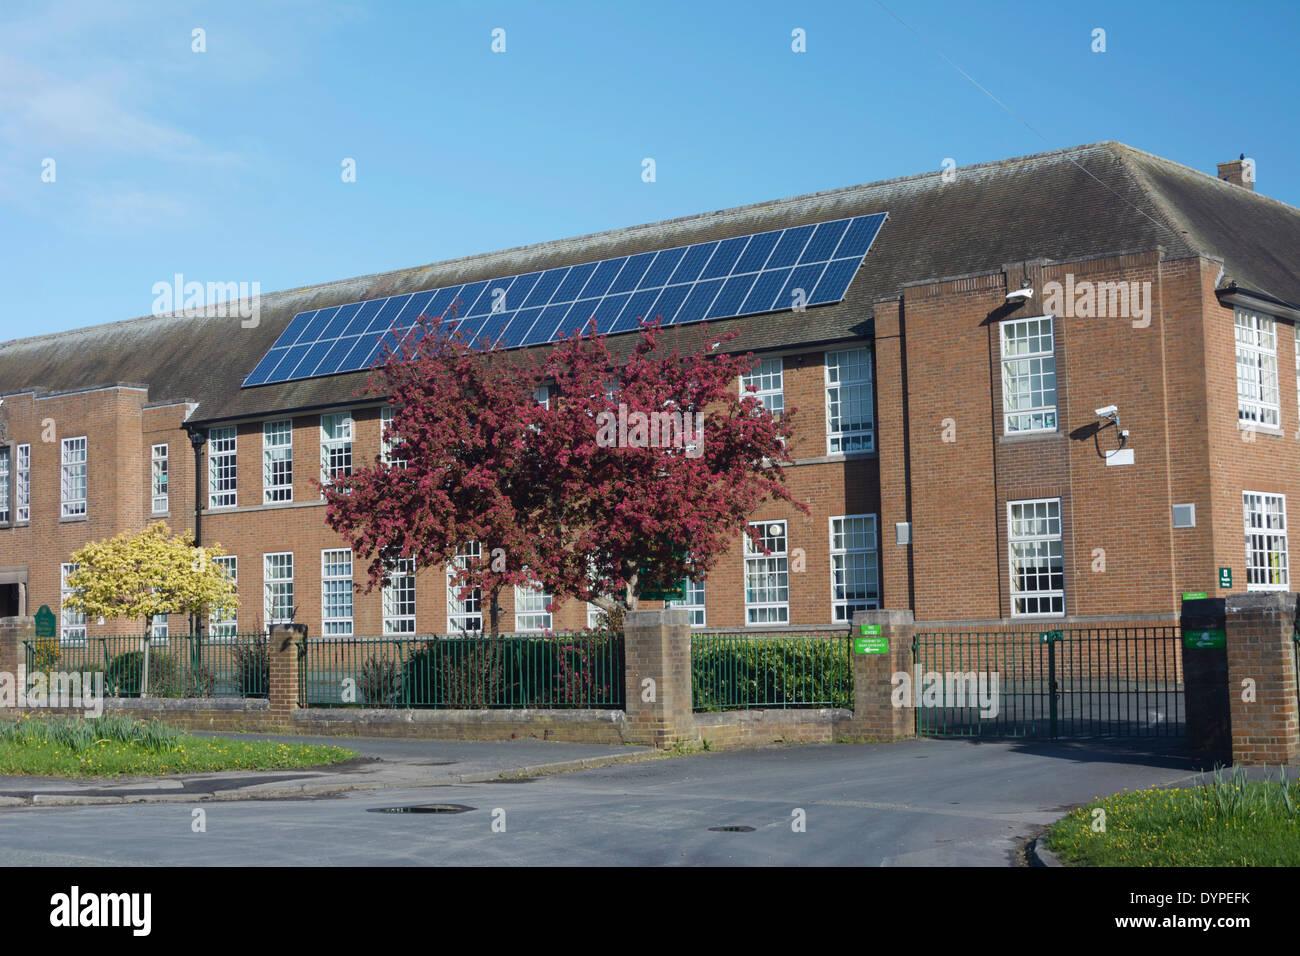 Paneles solares en el tejado de Helsby High School en Cheshire. Imagen De Stock